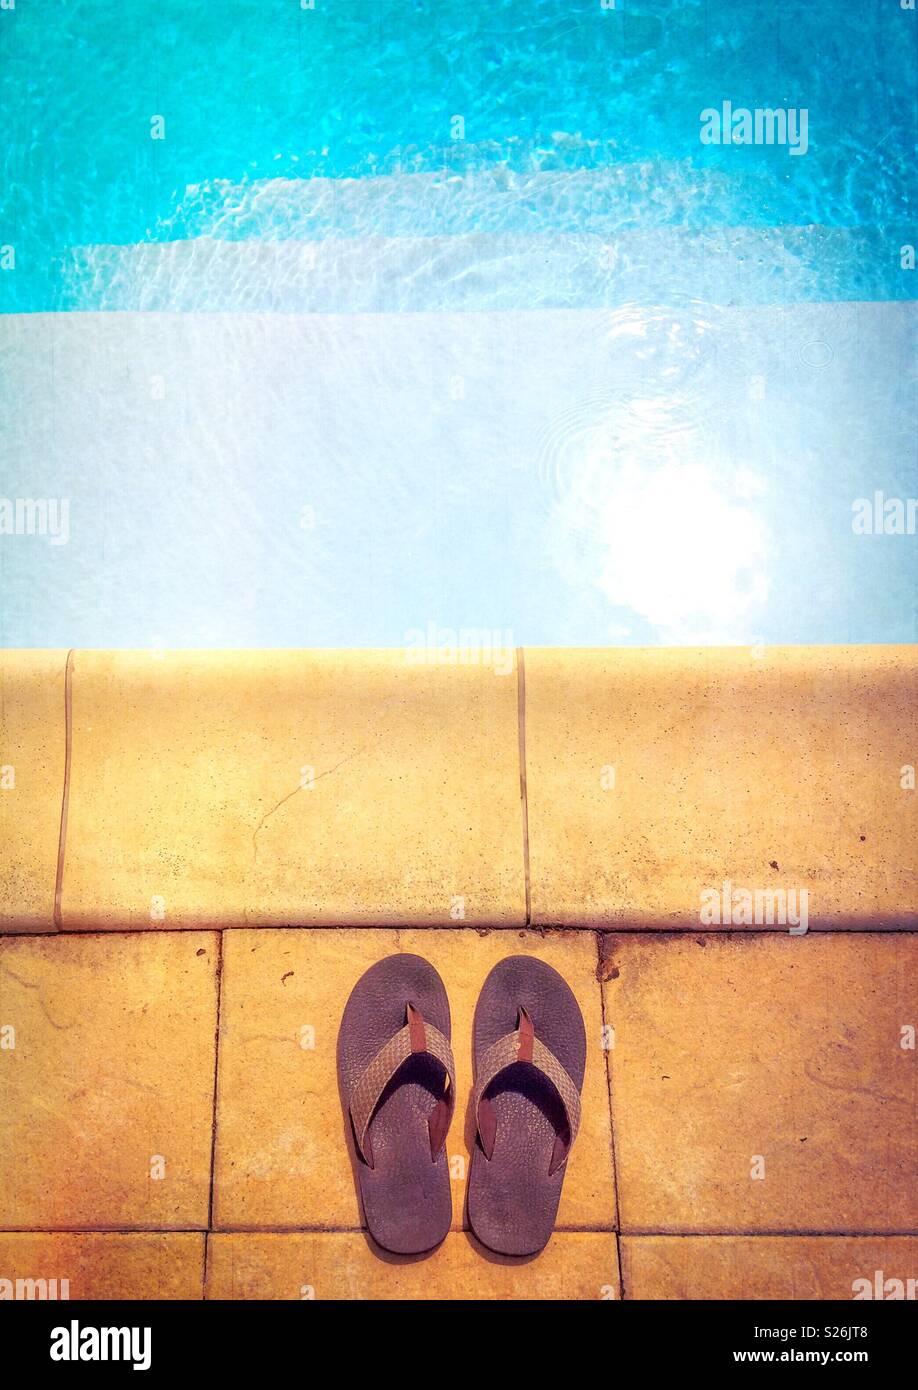 Eingabe Pool. Flach Bild von ein paar flip-flops am Rand des Pools. Sommer Konzept. Stockbild